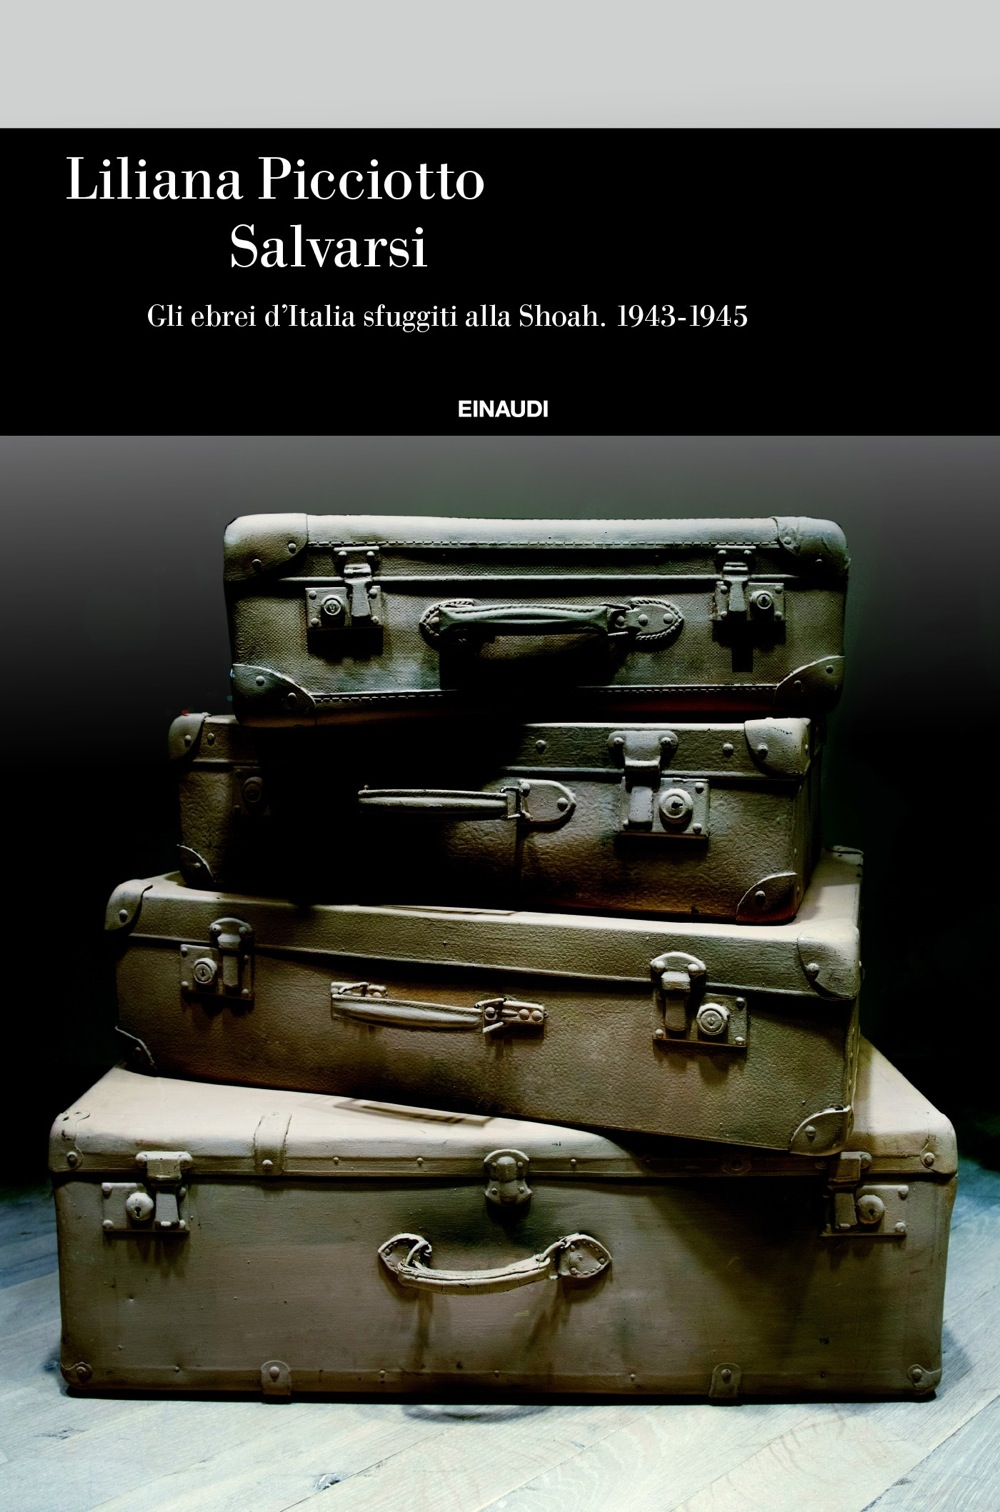 Salvarsi. Gli ebrei d'Italia sfuggiti alla Shoah 1943-1945